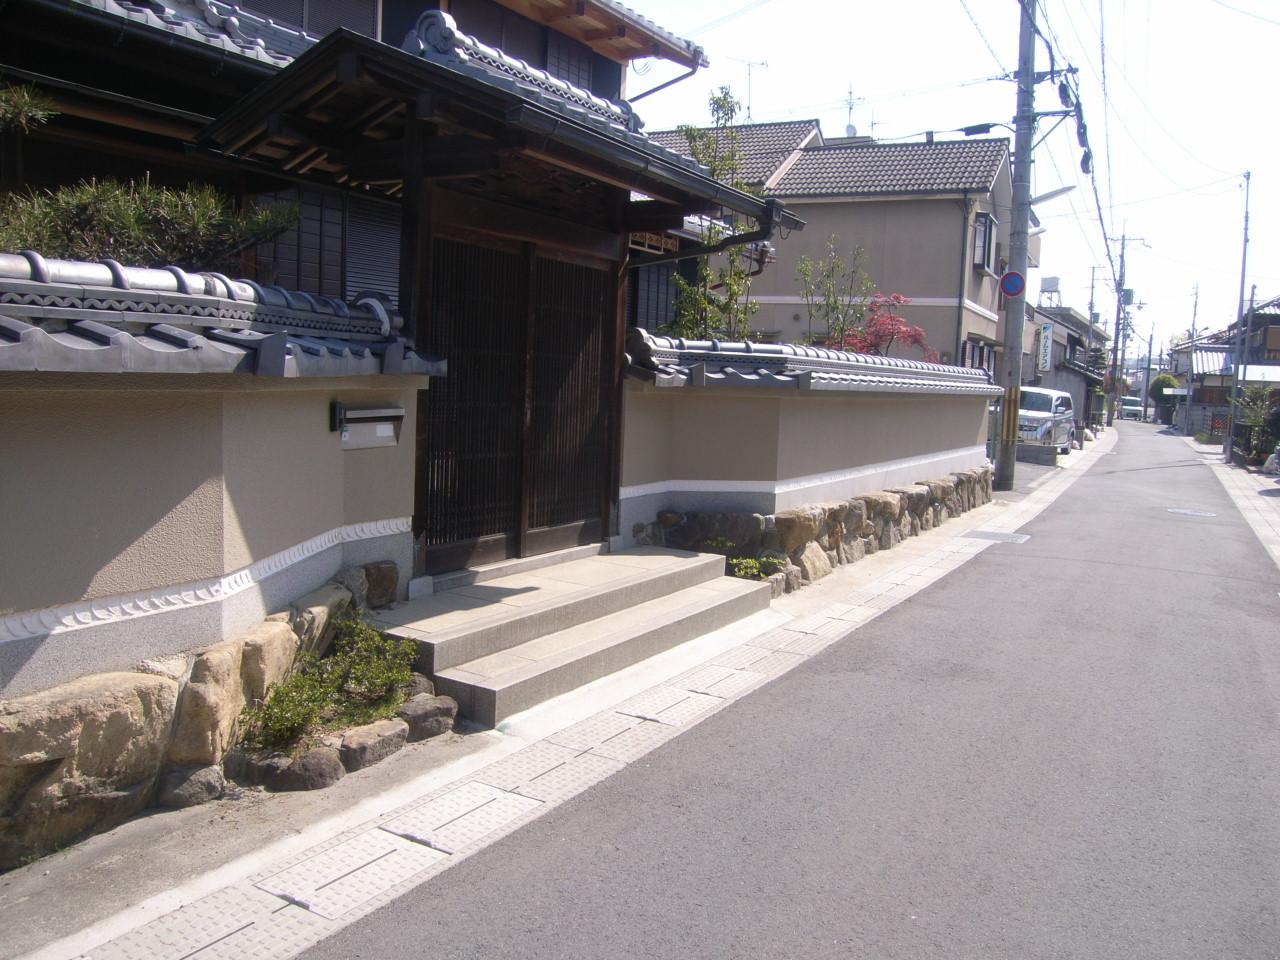 四季折々の庭木を楽しむ日本庭園 石組工事 AFTER